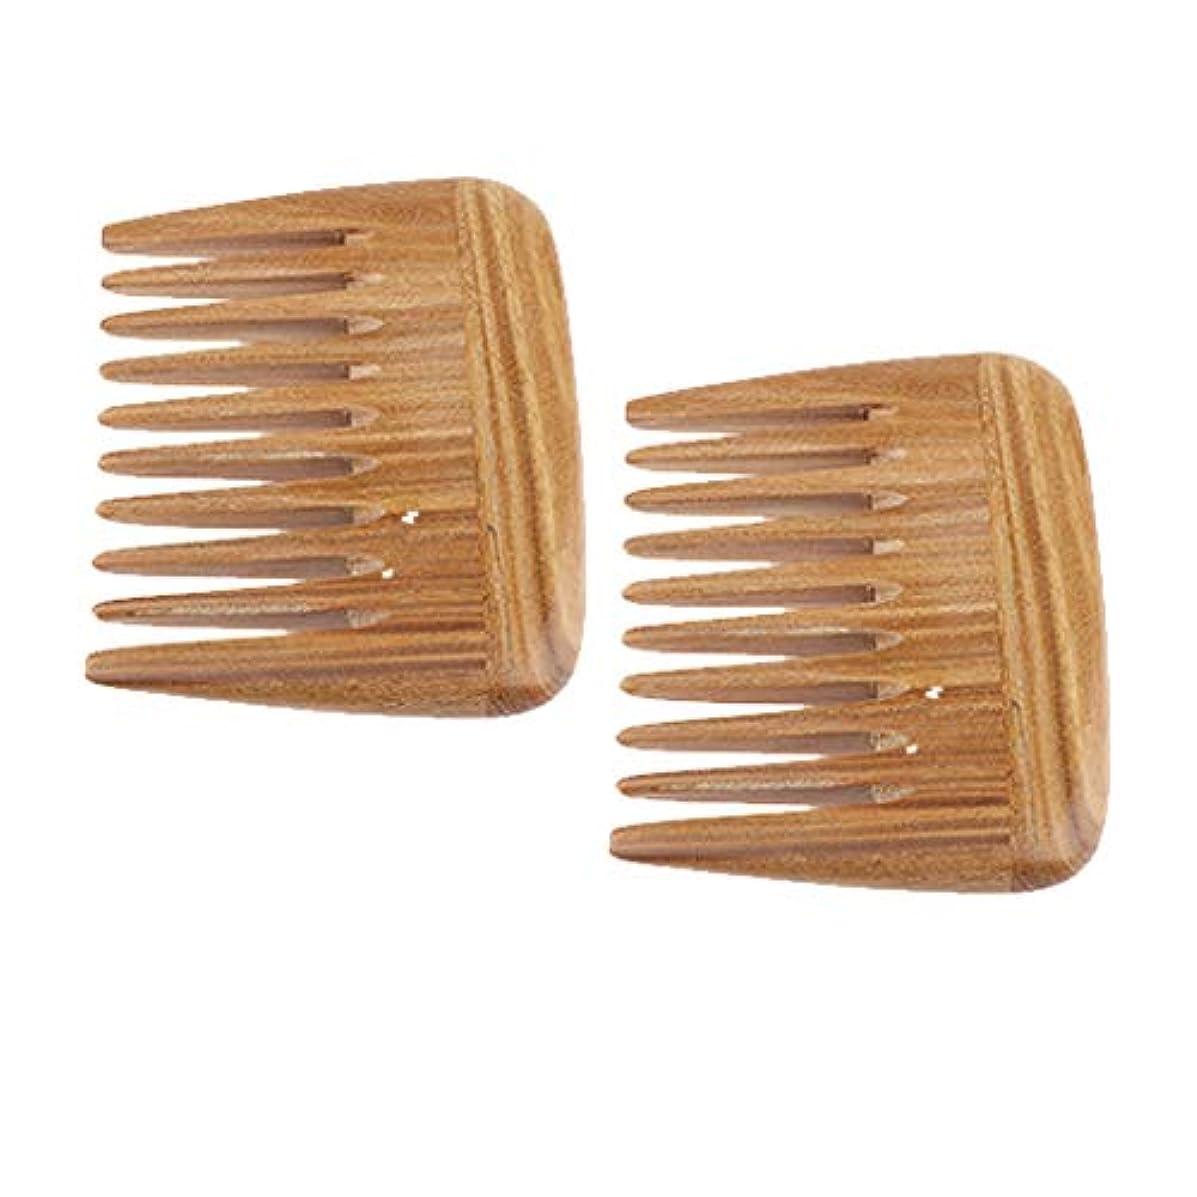 通貨合併アウター2個 静電気防止櫛 ポケット 広い歯 ヘアコーム 木製櫛 プレゼント